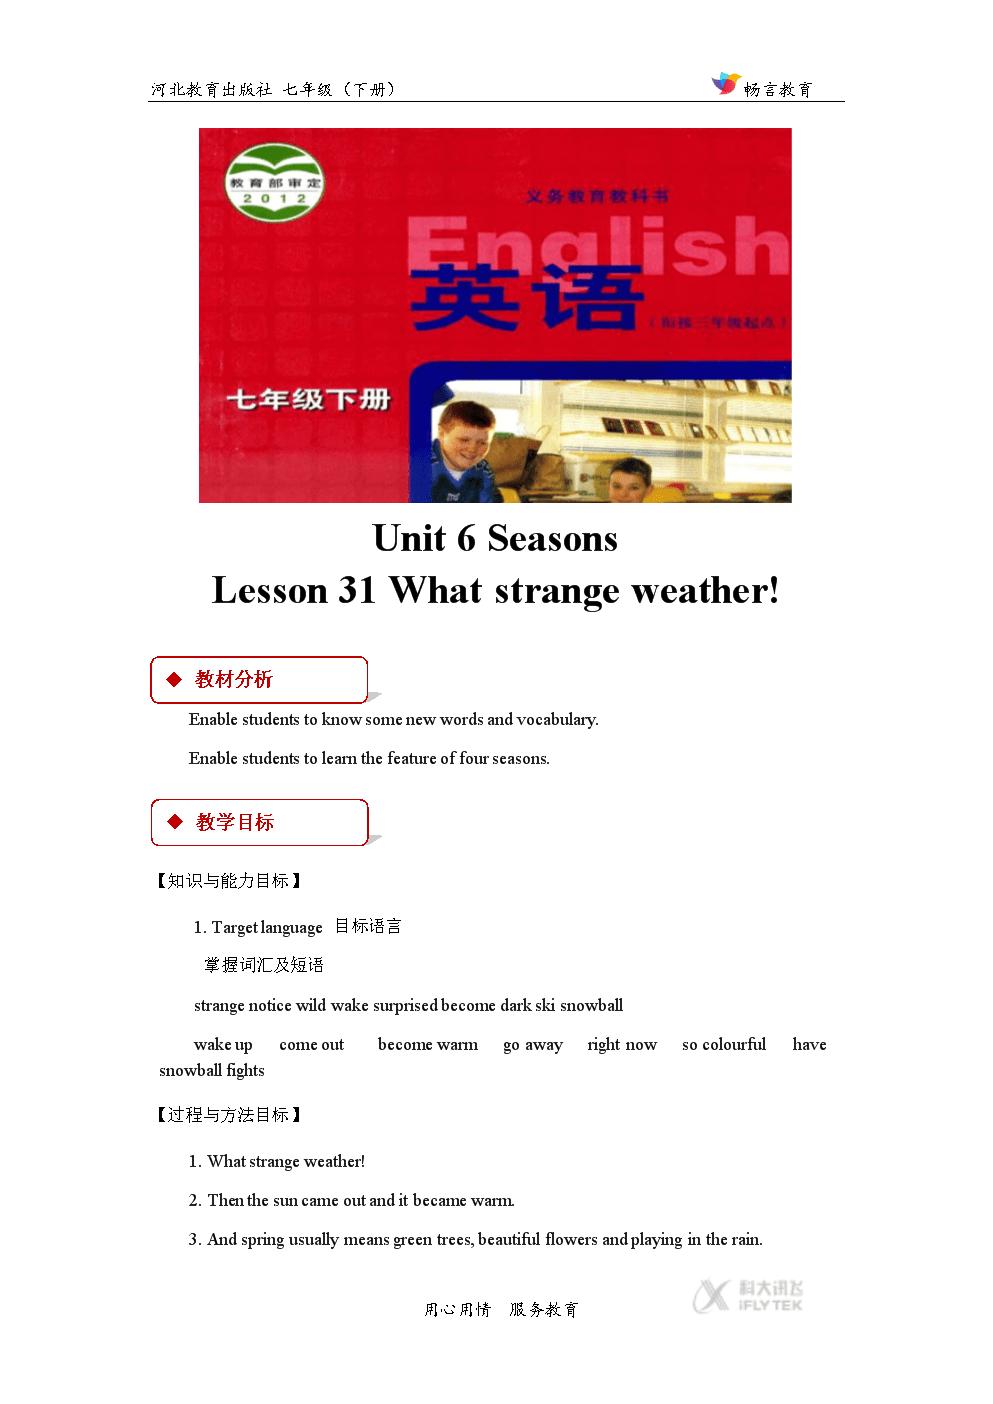 【教学设计】Unit 6 Lesson 31(冀教)-1-2.docx